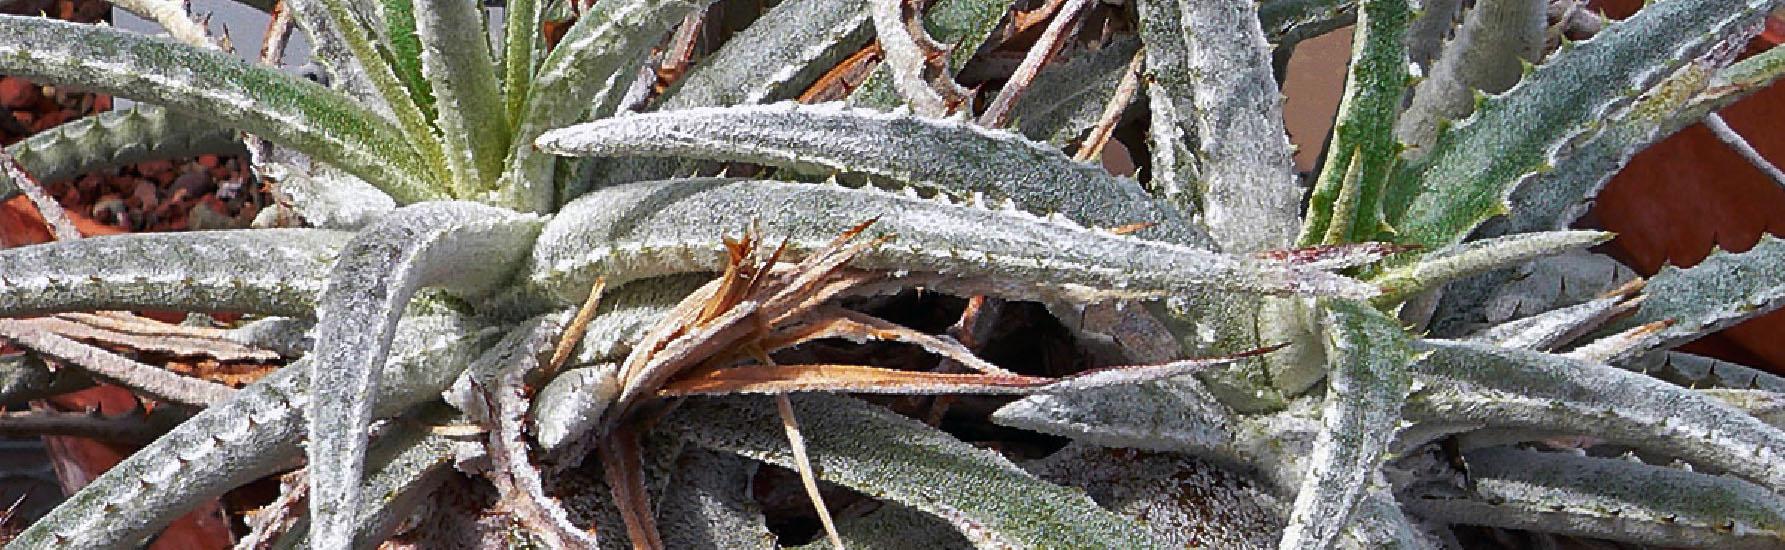 Hechtia marnier lapostollei